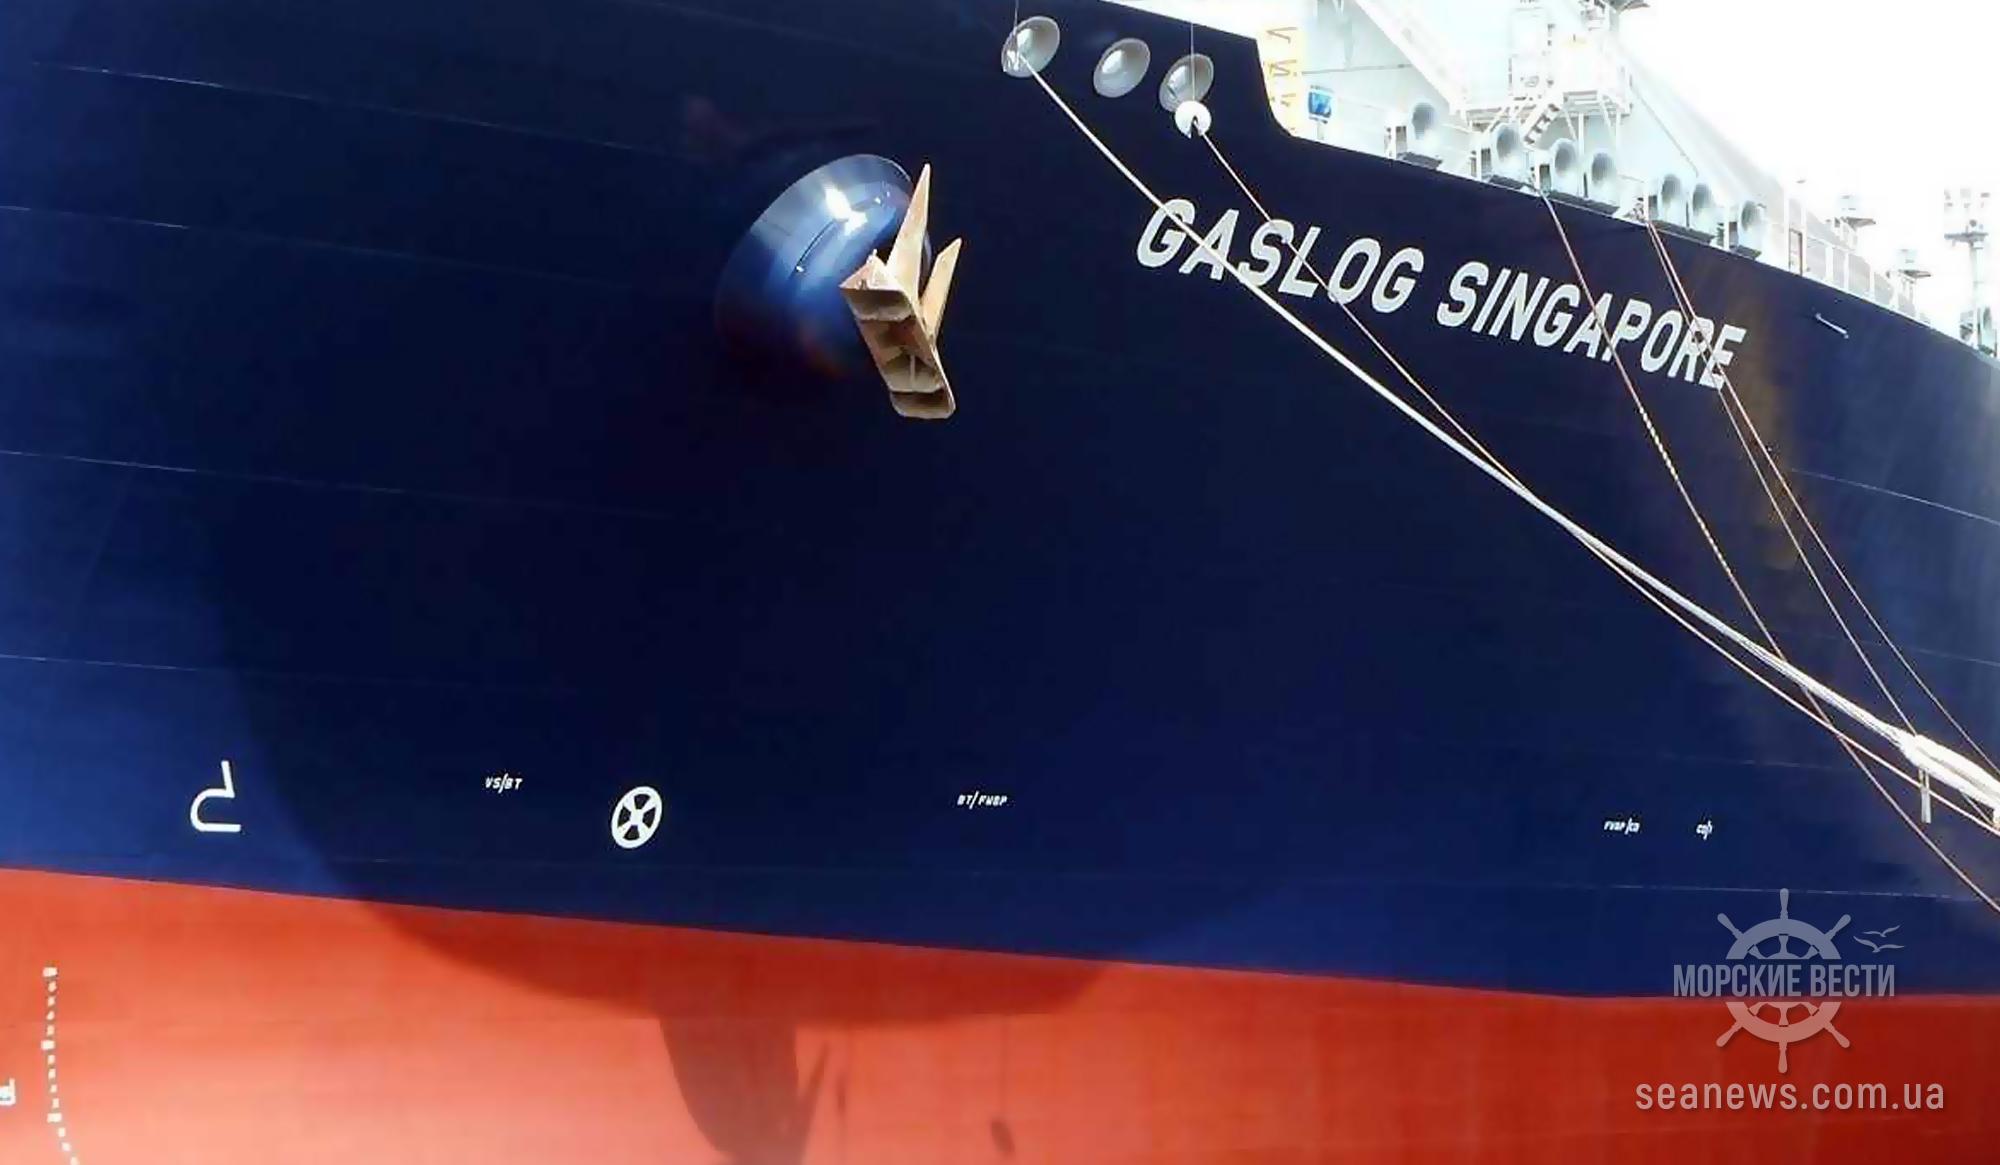 Греческий оператор танкеров завершил переоборудование газовоза в плавучую систему для хранения СПГ